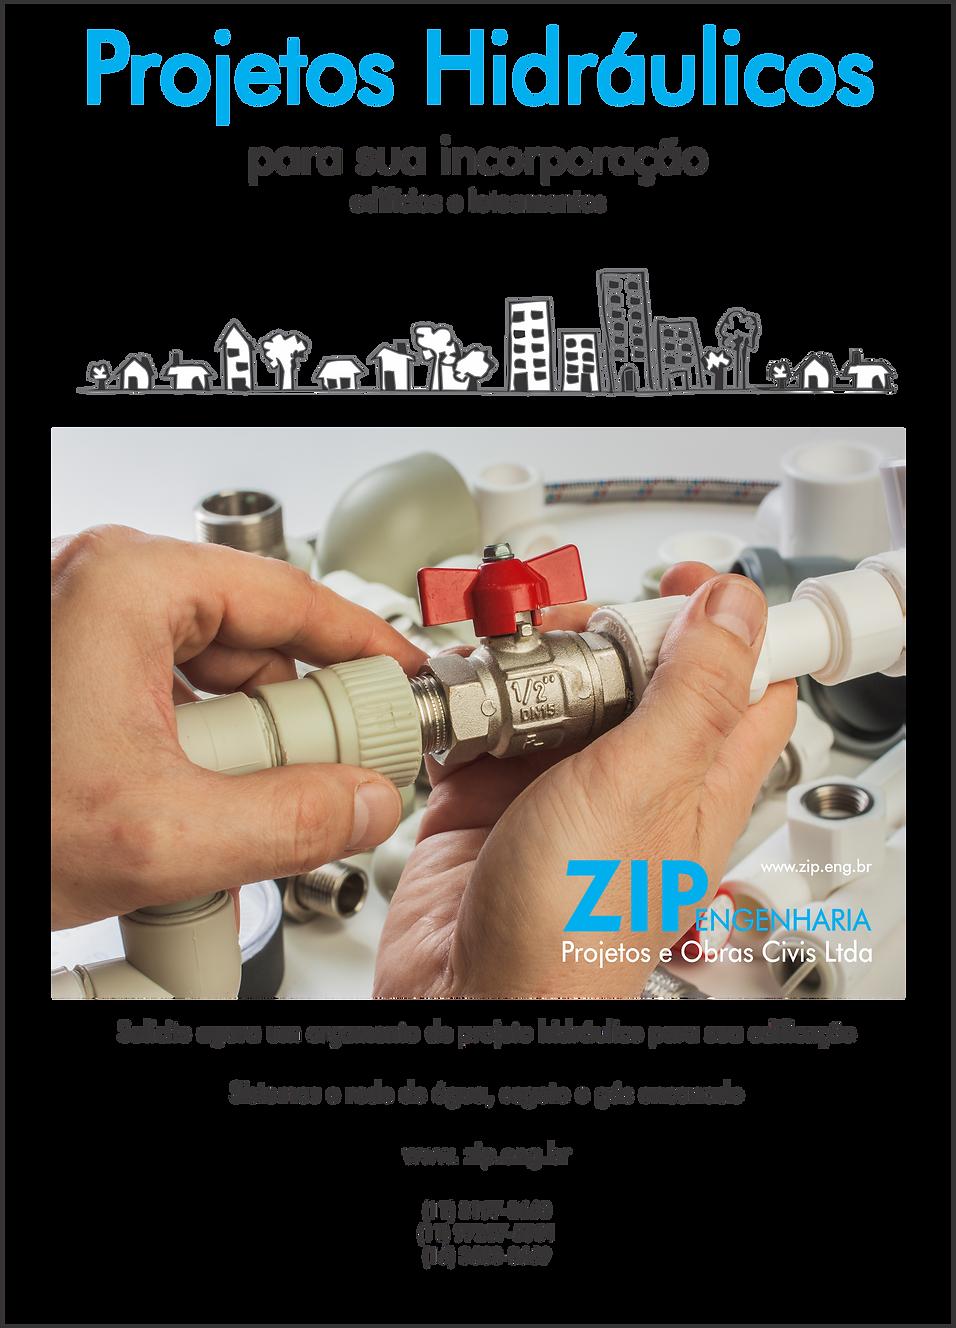 Projetos_Hidráulicos_-_ZIP_Engenharia.p